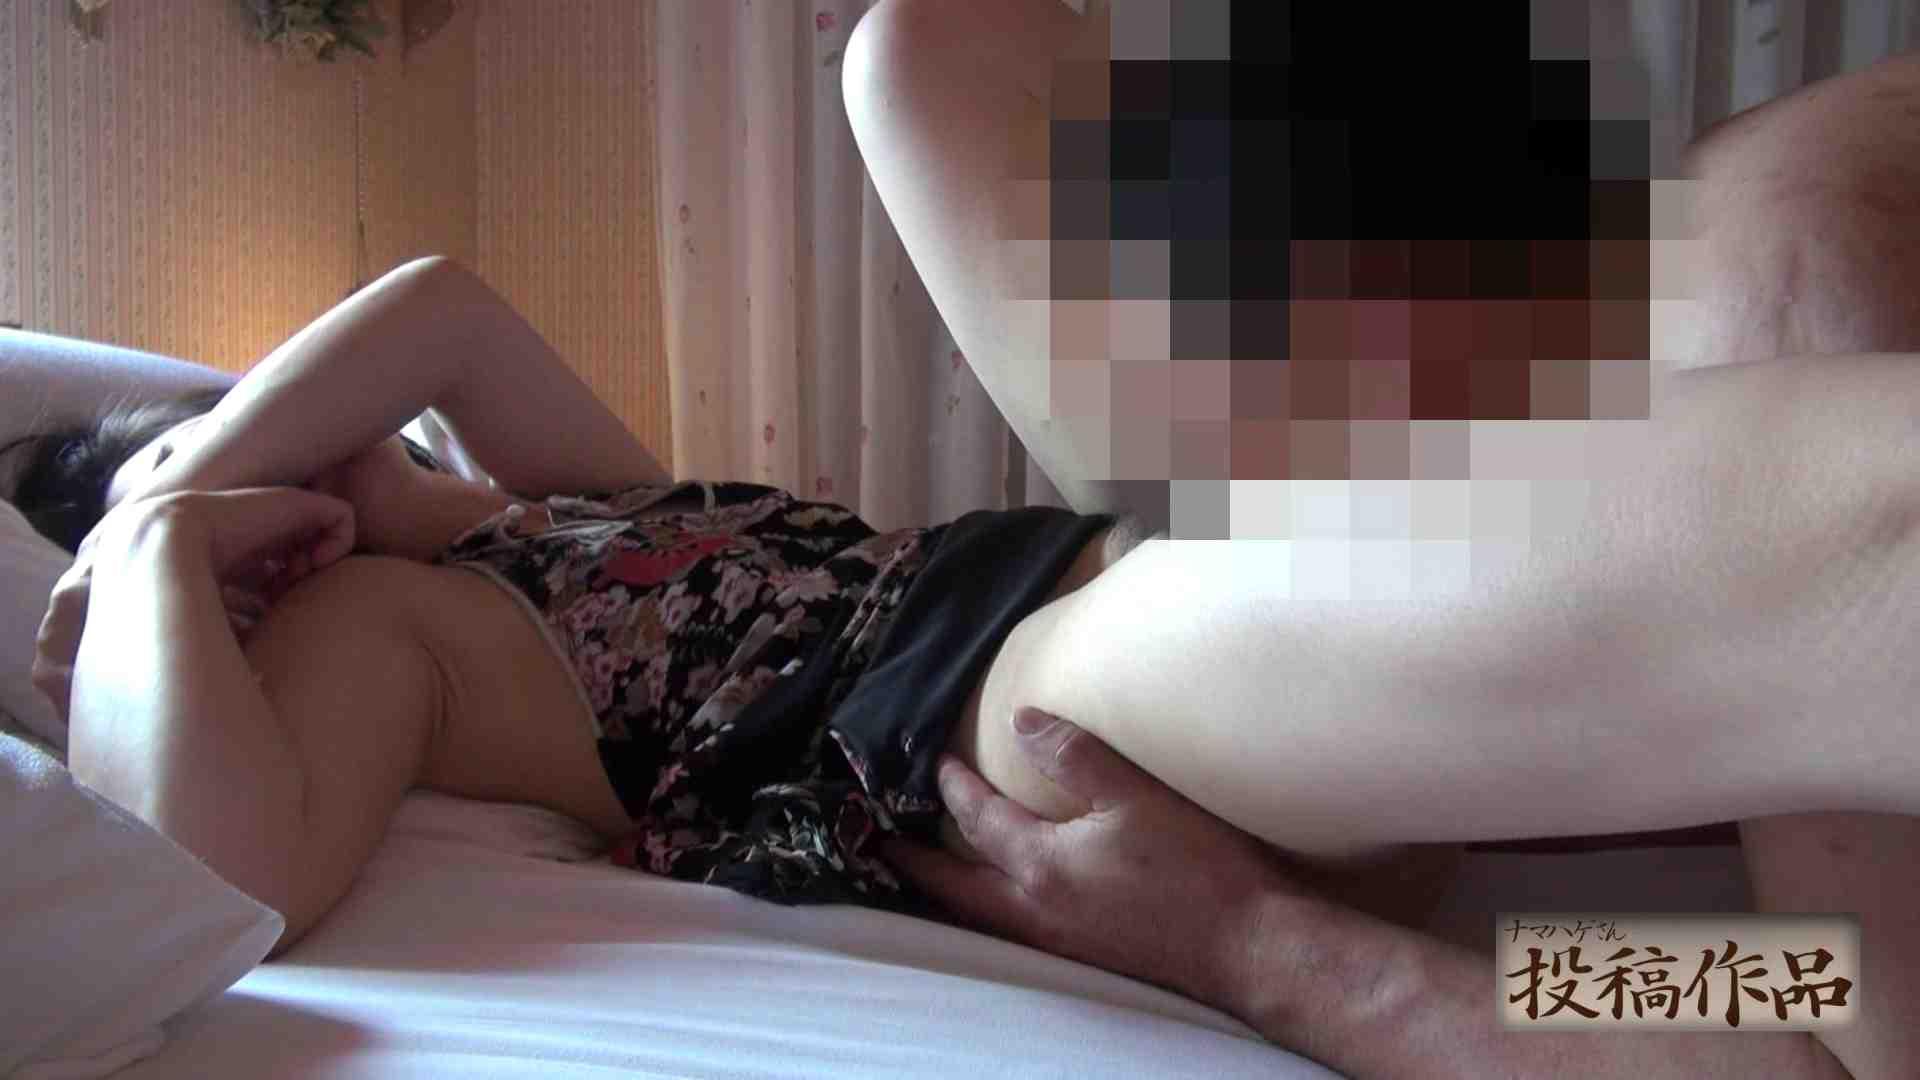 ナマハゲさんのまんこコレクション第二章 michiru エッチなお姉さん | 一般投稿  107pic 75